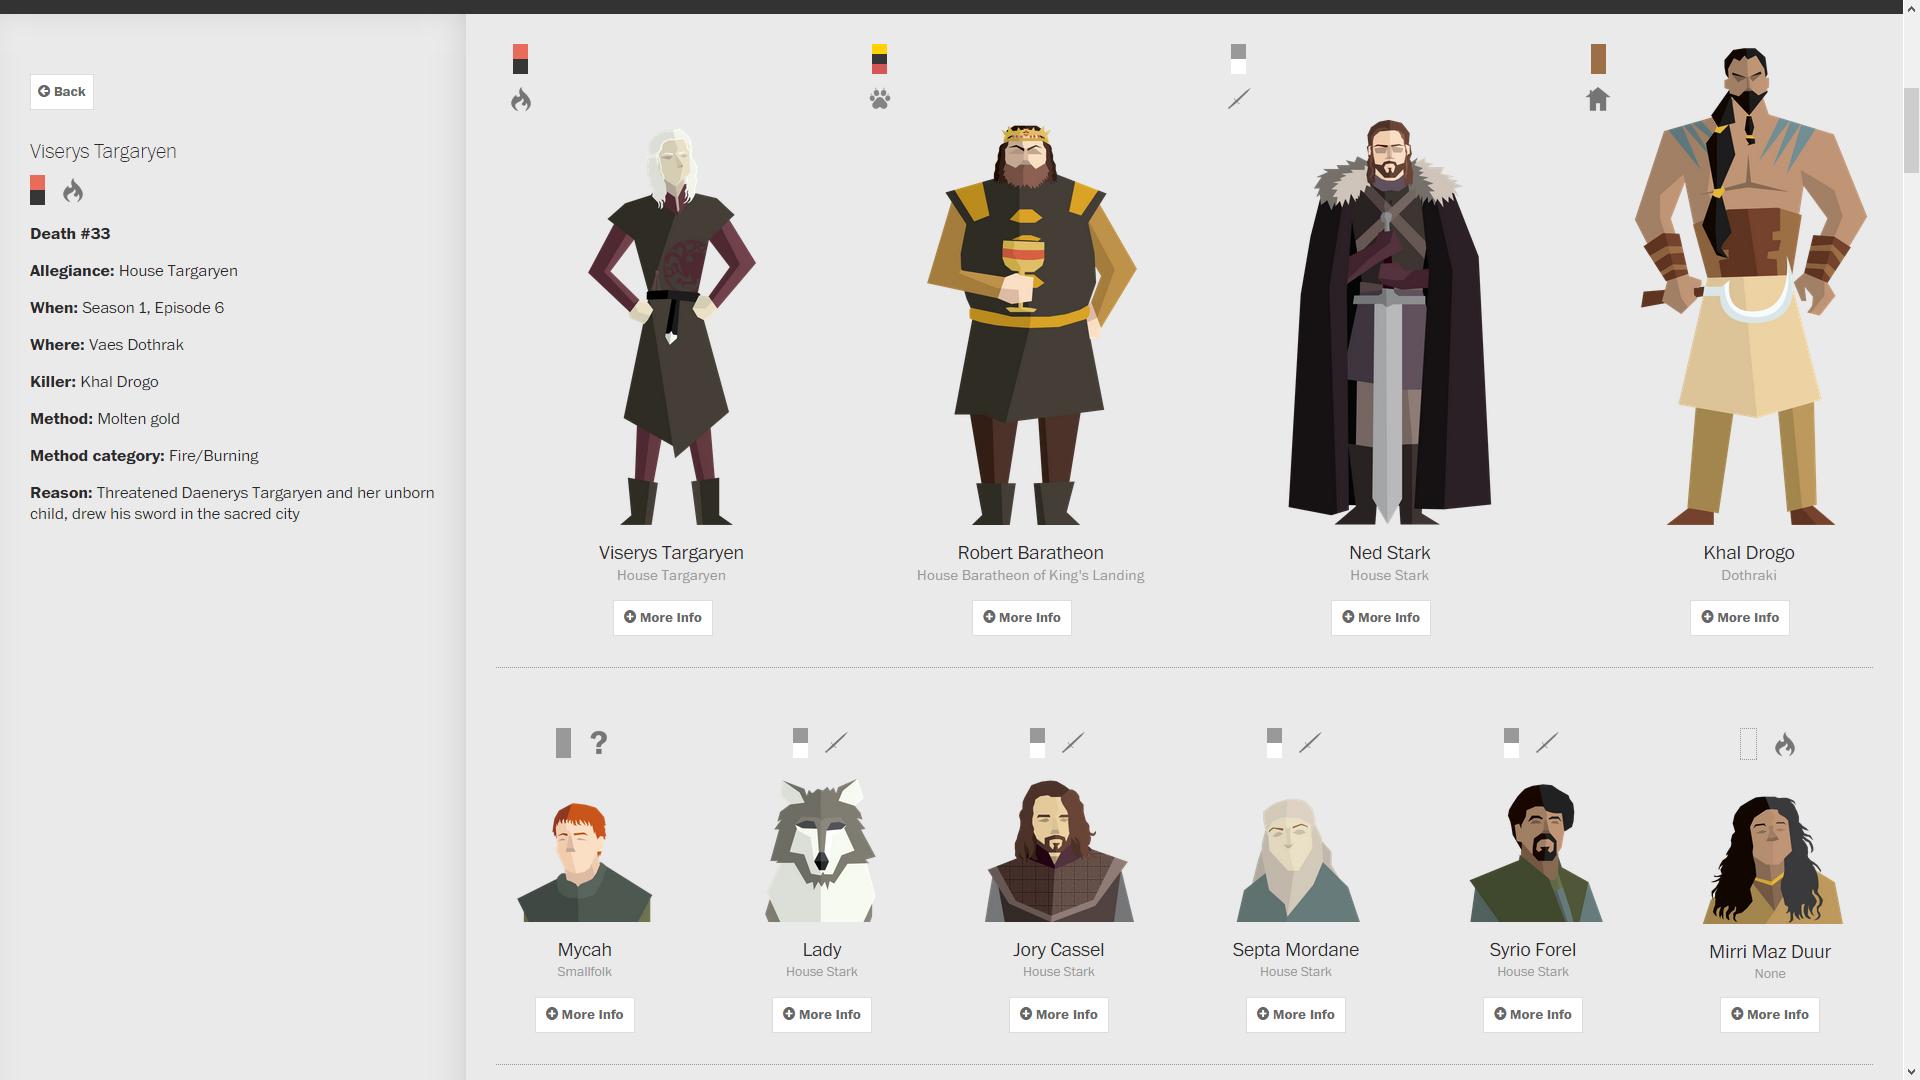 Инфографика: все смерти в «Игре престолов» - Изображение 1